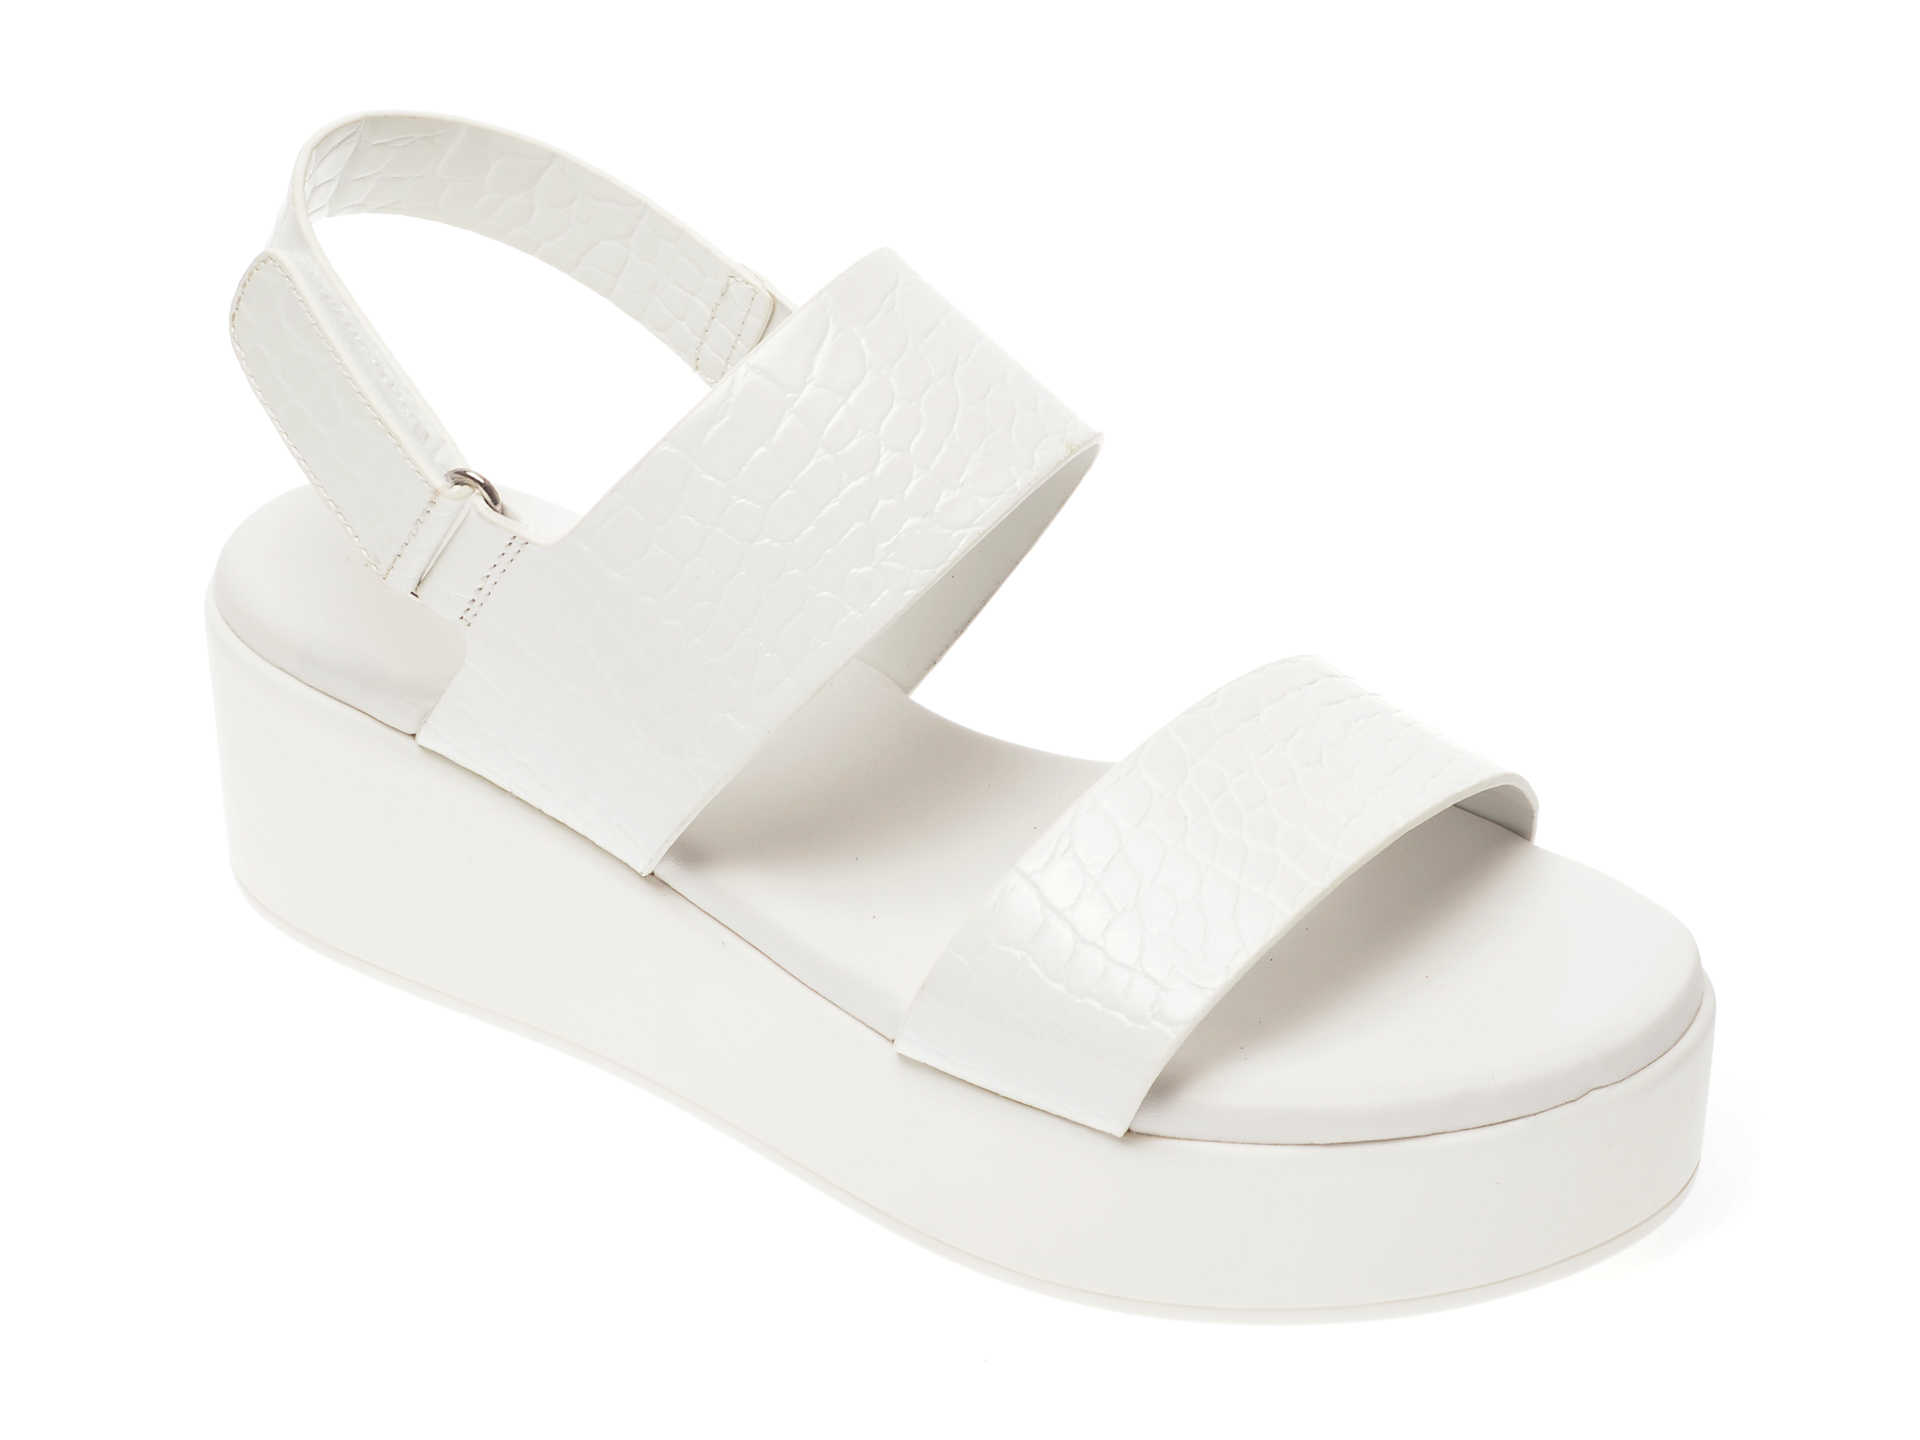 Sandale ALDO albe, Agrerinia100, din piele ecologica